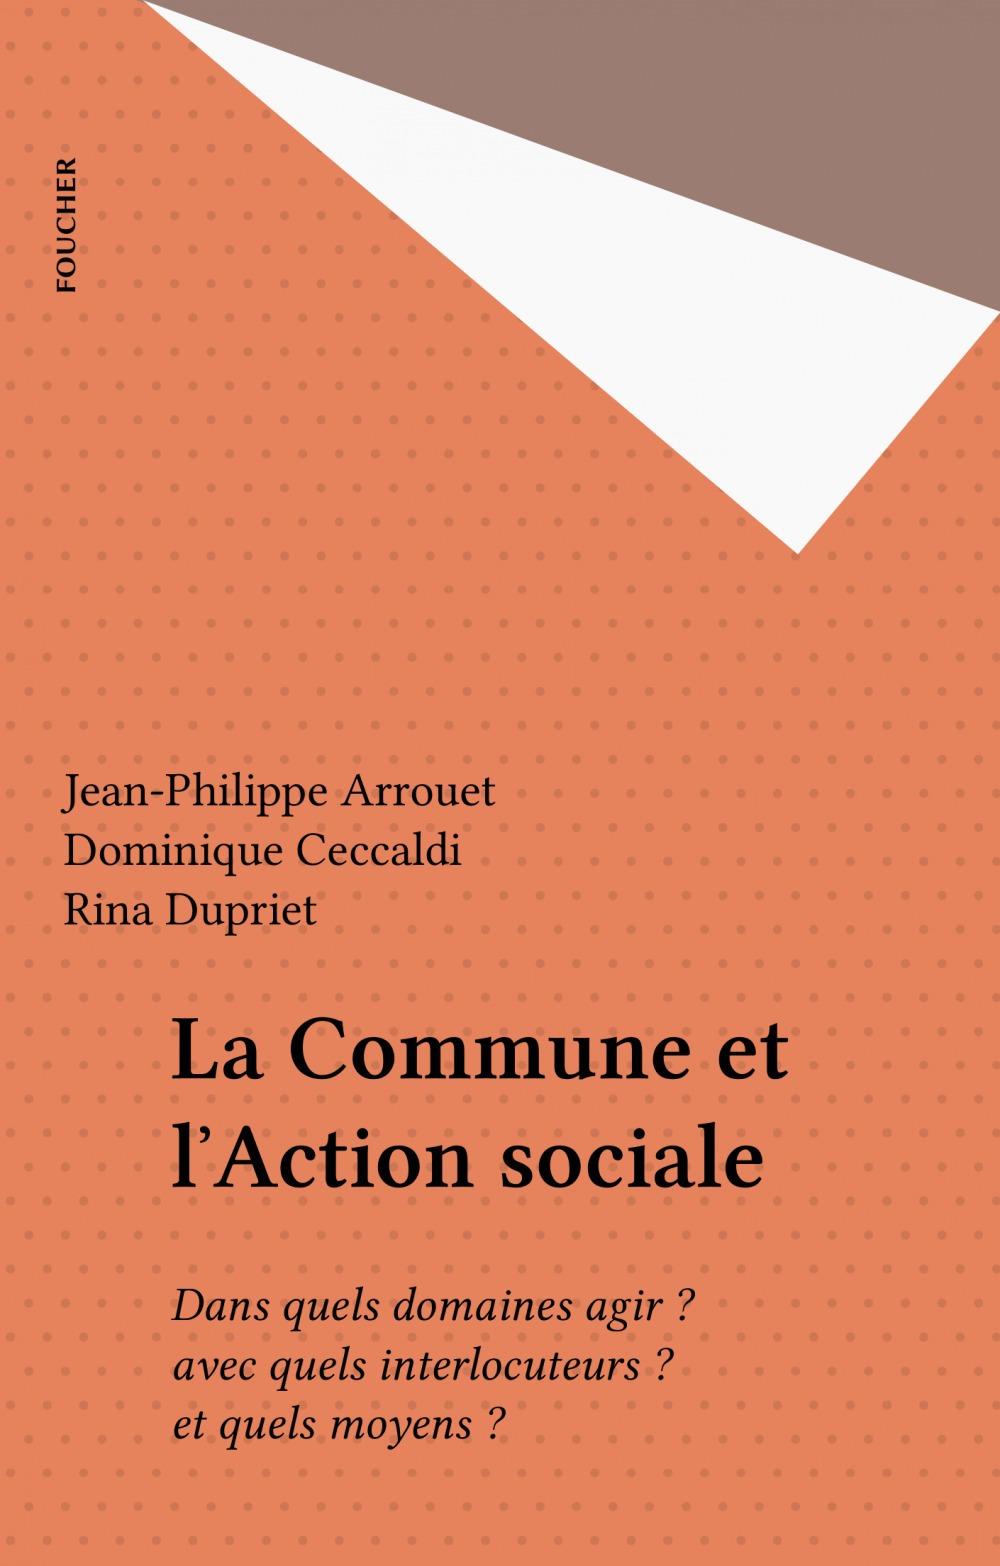 La Commune et l'Action sociale